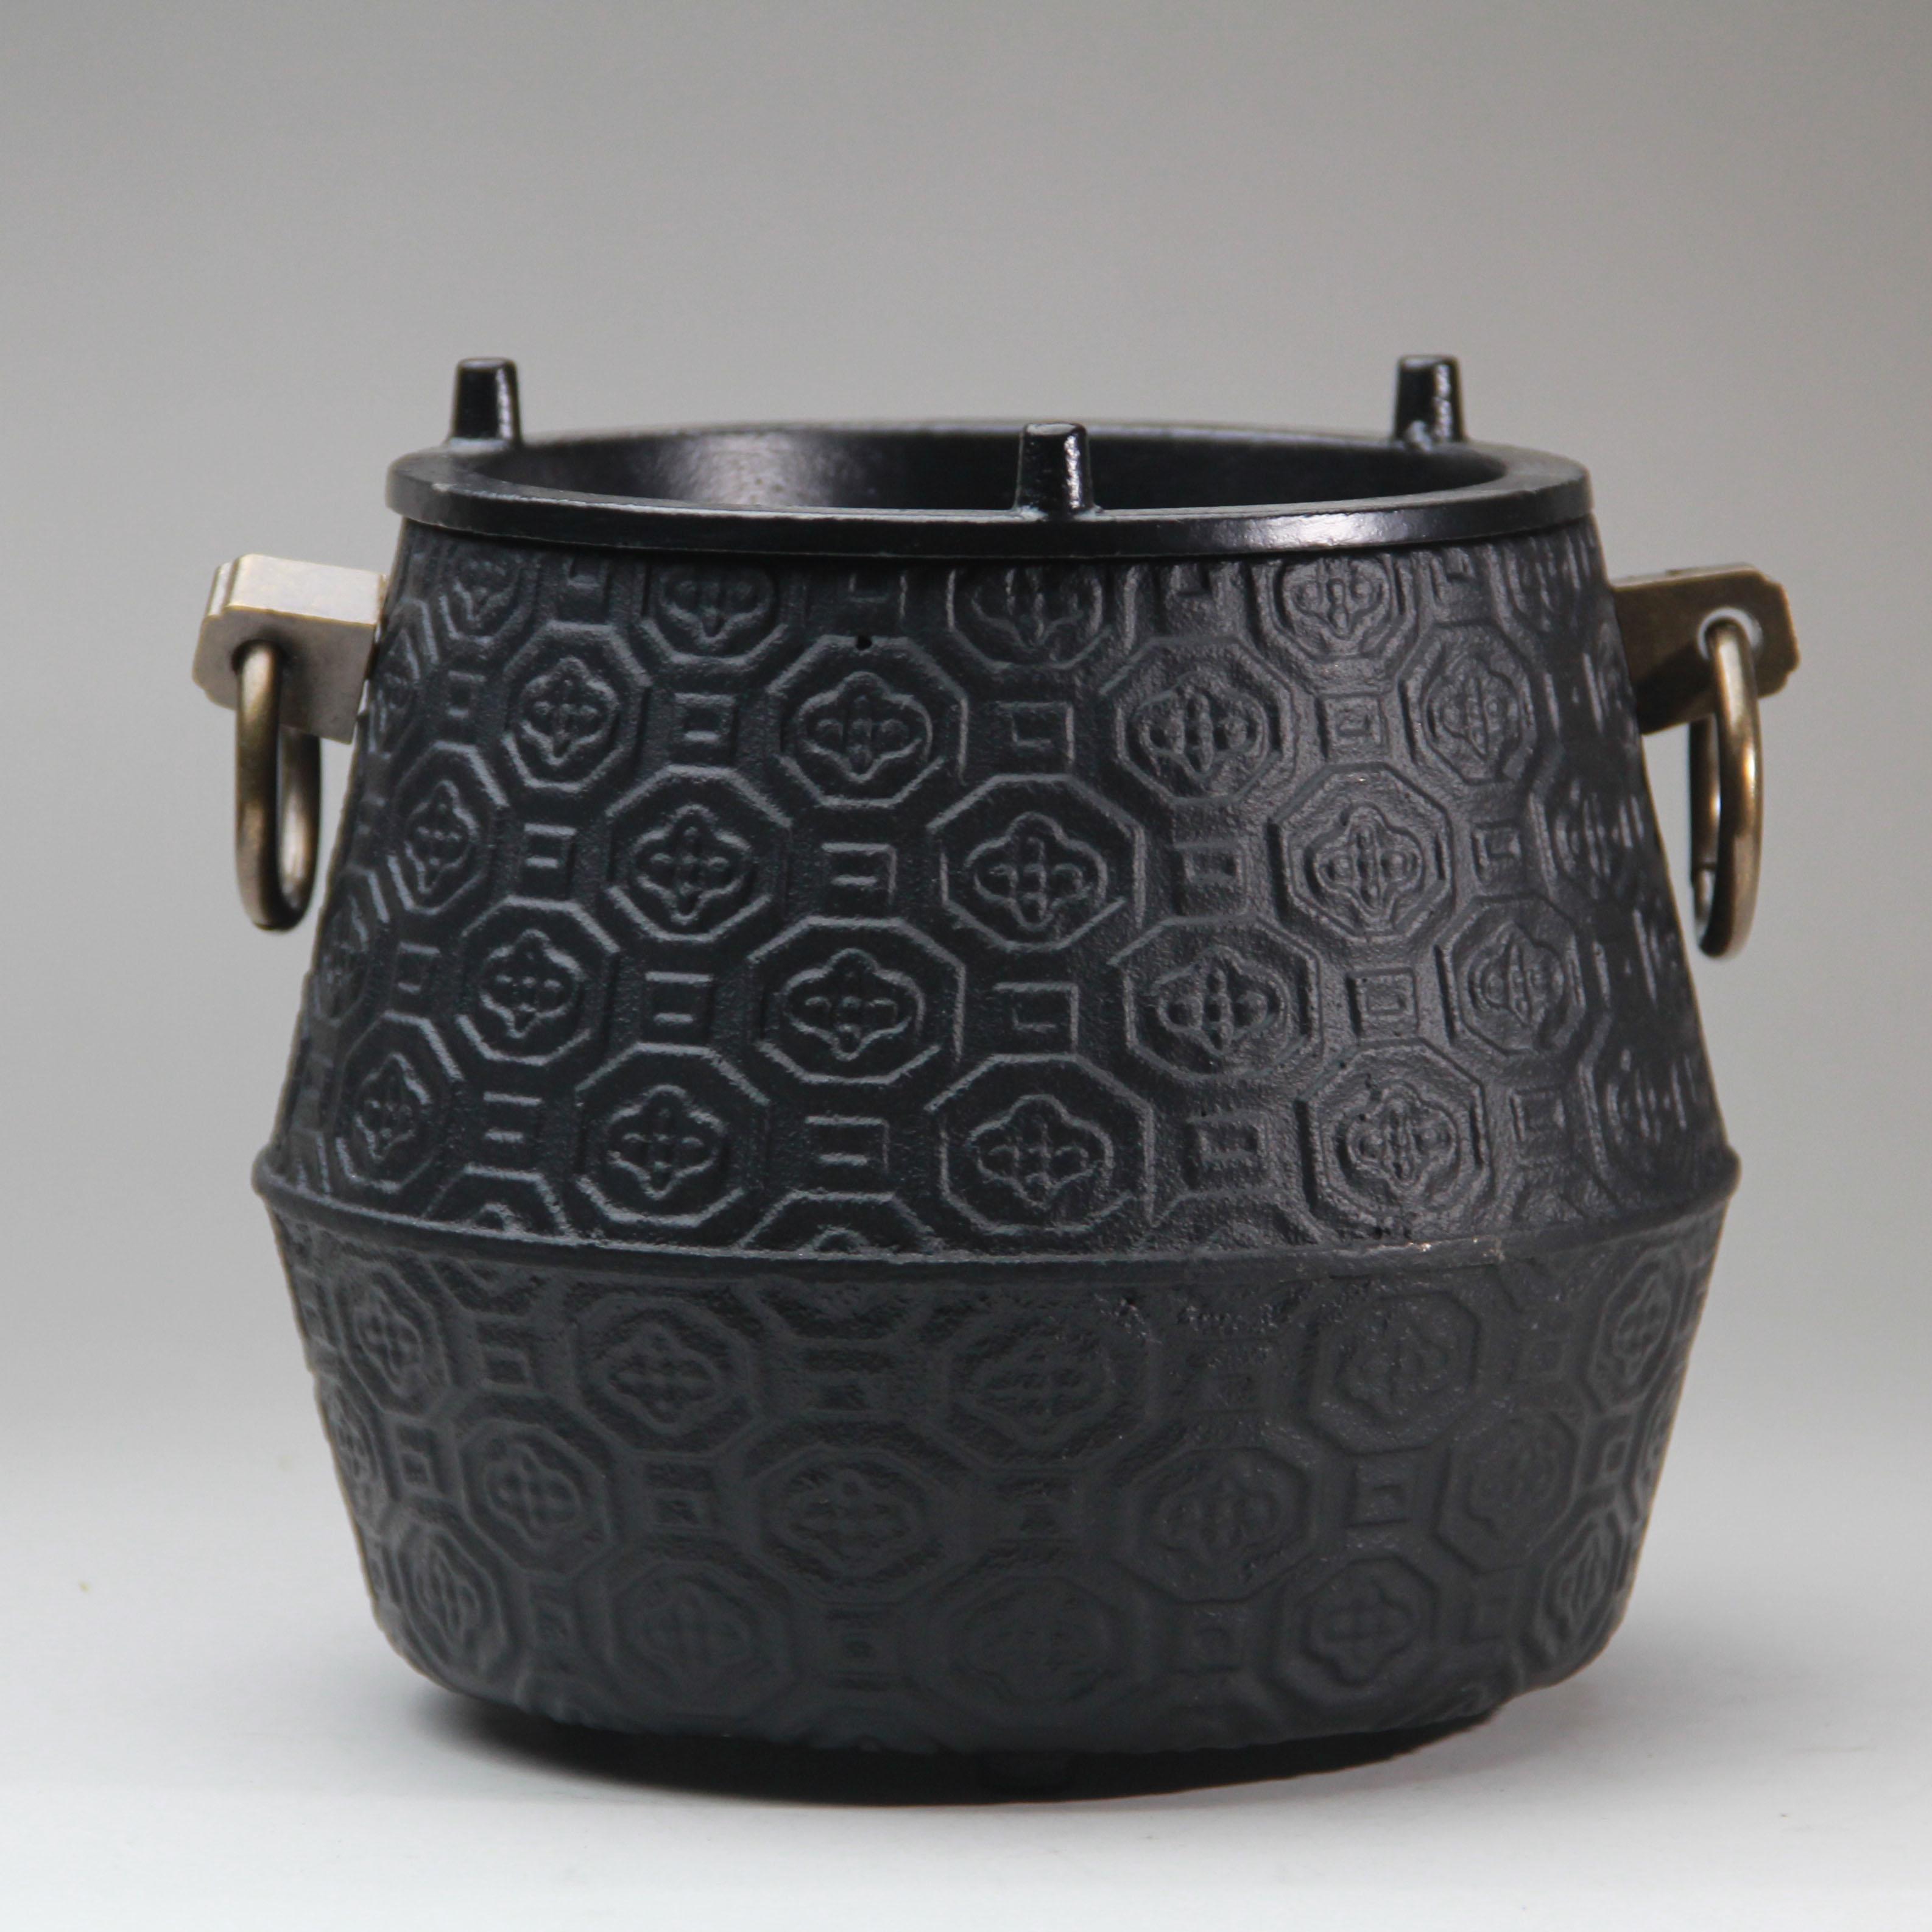 японский уголь печь алкоголь печи готовить чай чайный сервиз чугун чайник уголь Древесный уголь, отопление котел бытовые ветер печь печь